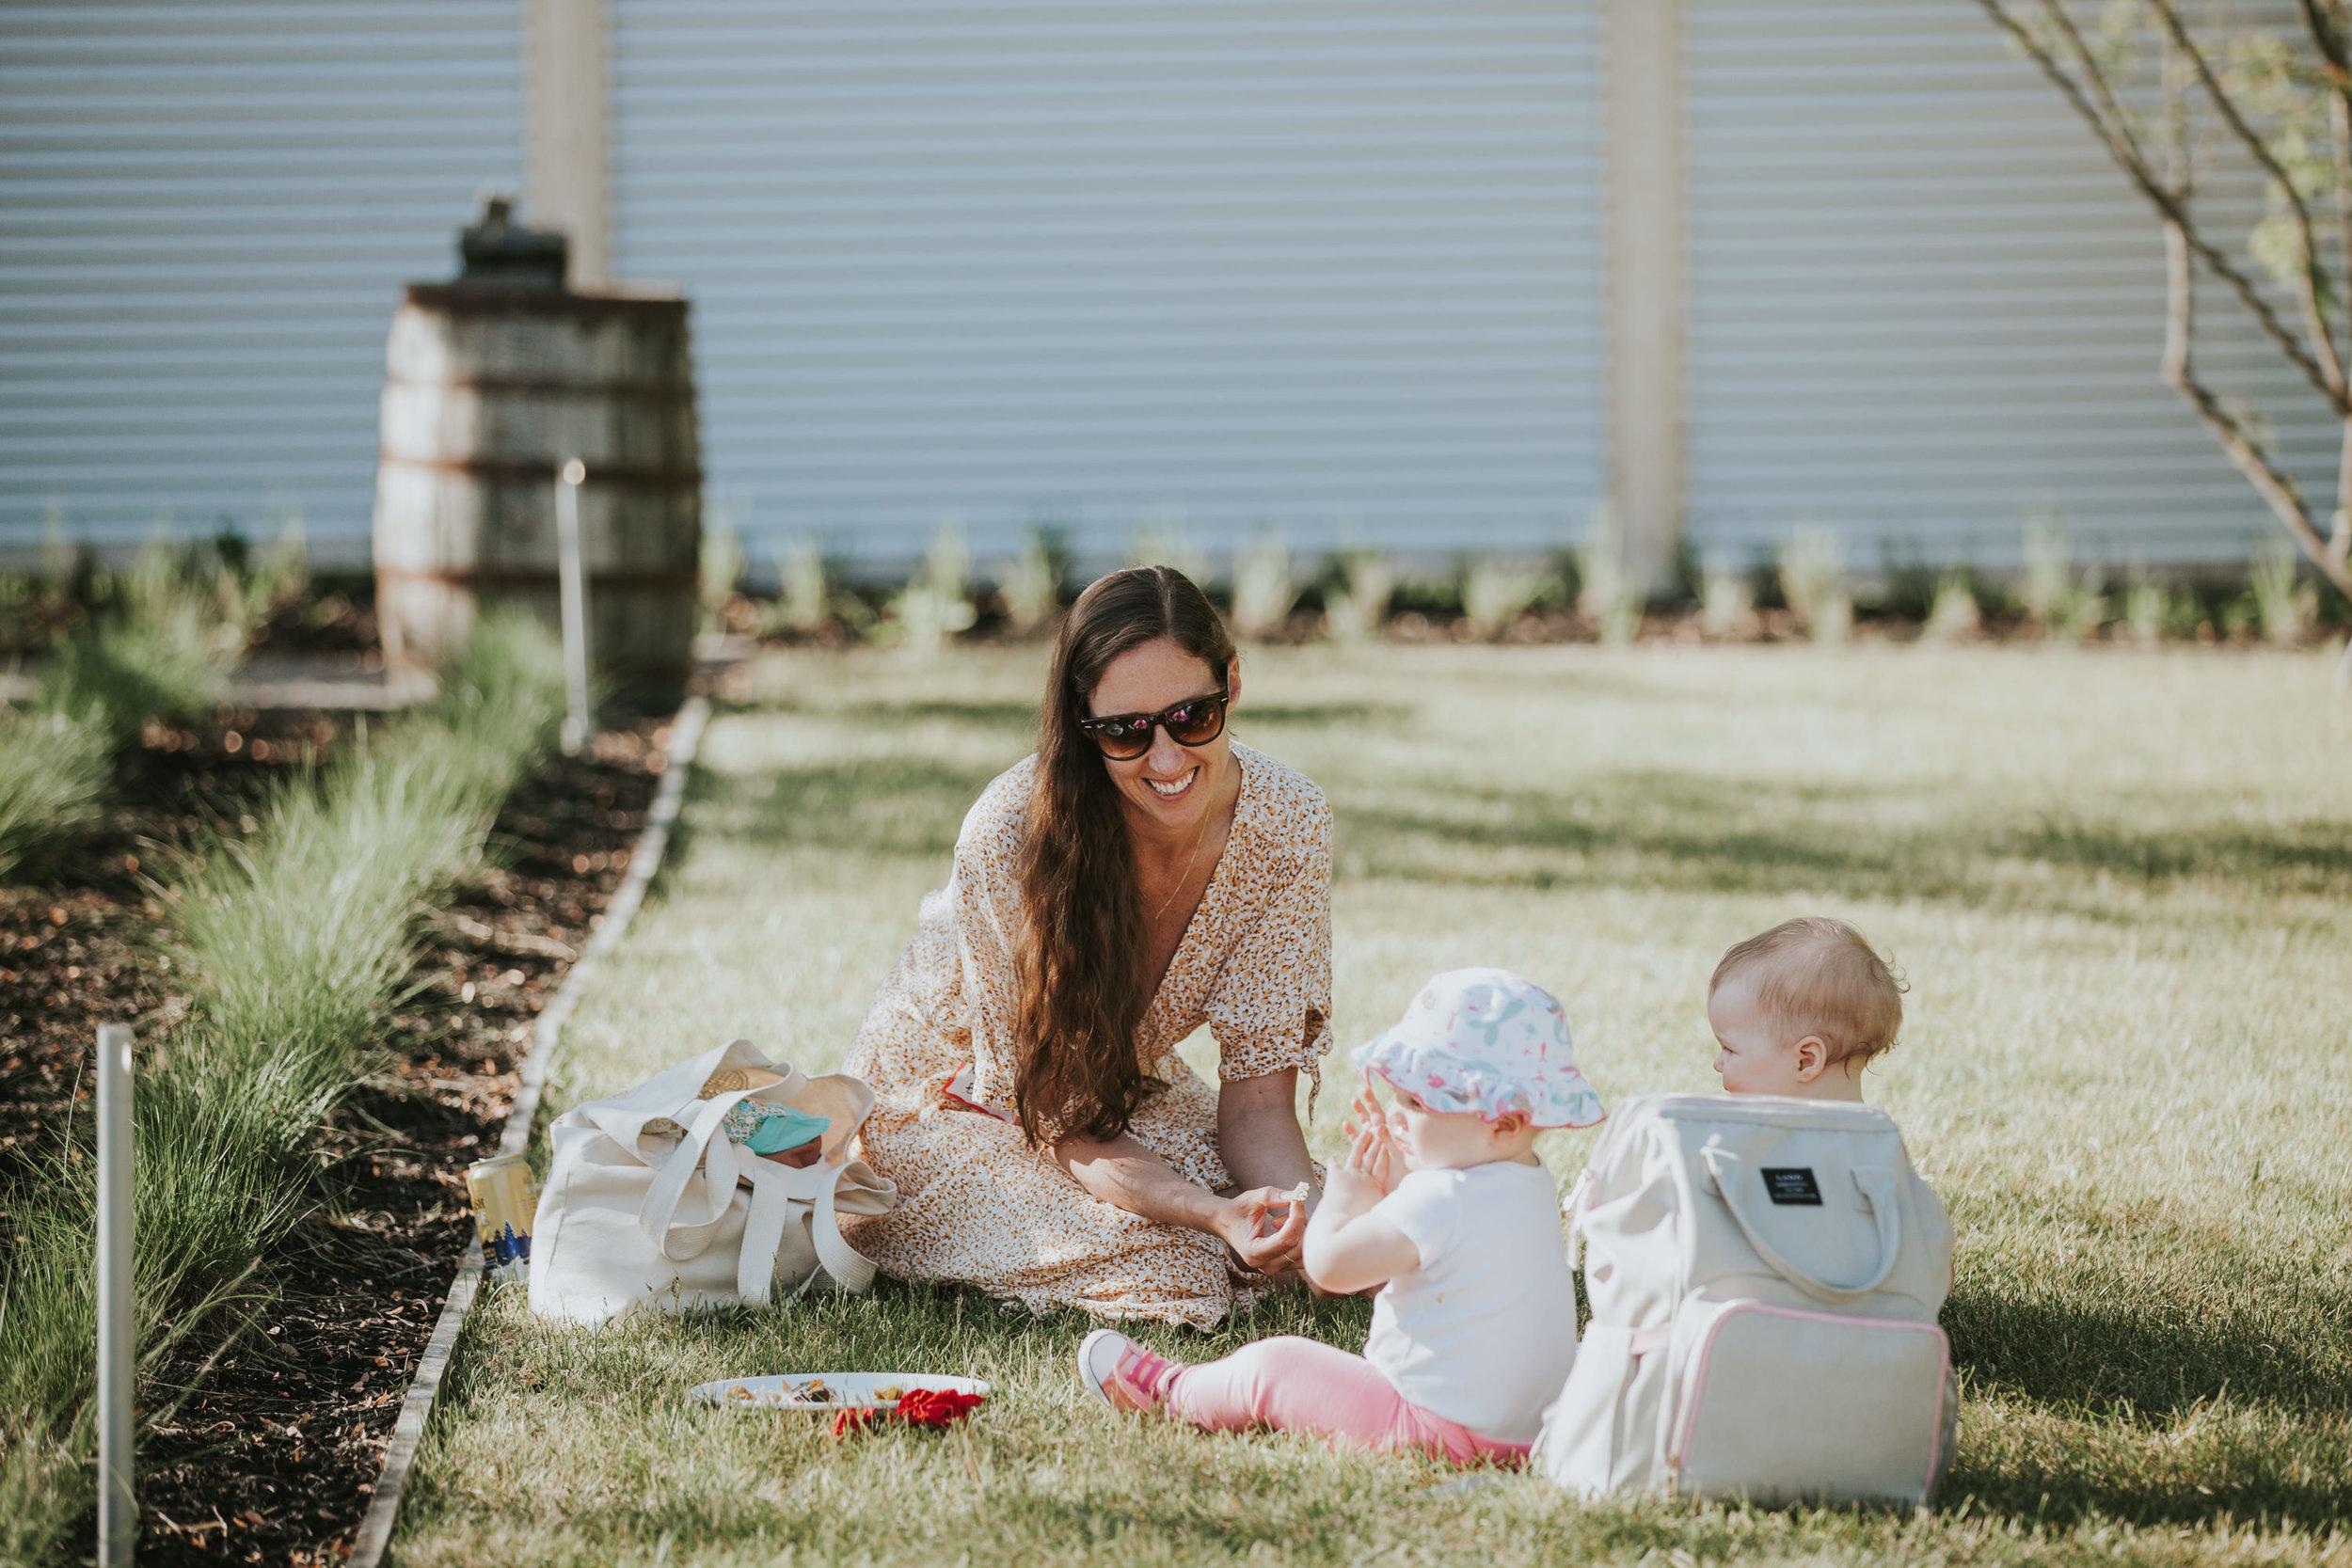 33 Elmwood 33 Garden Spot Westbrook Restaurant Outdoor Space © Heidi Kirn Photography 464653.jpg